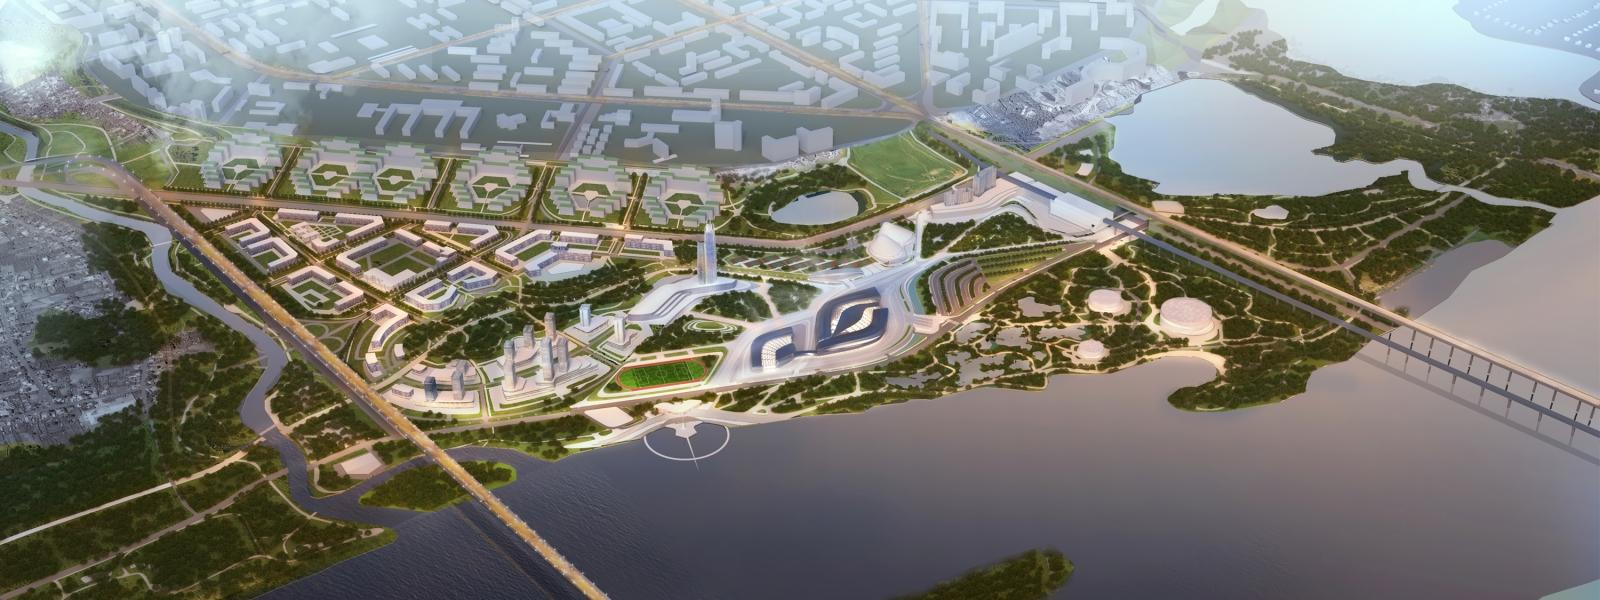 work-Многофункциональный комплекс с ледовой ареной в градоэкологическом каркасе левобережья Новосибирска